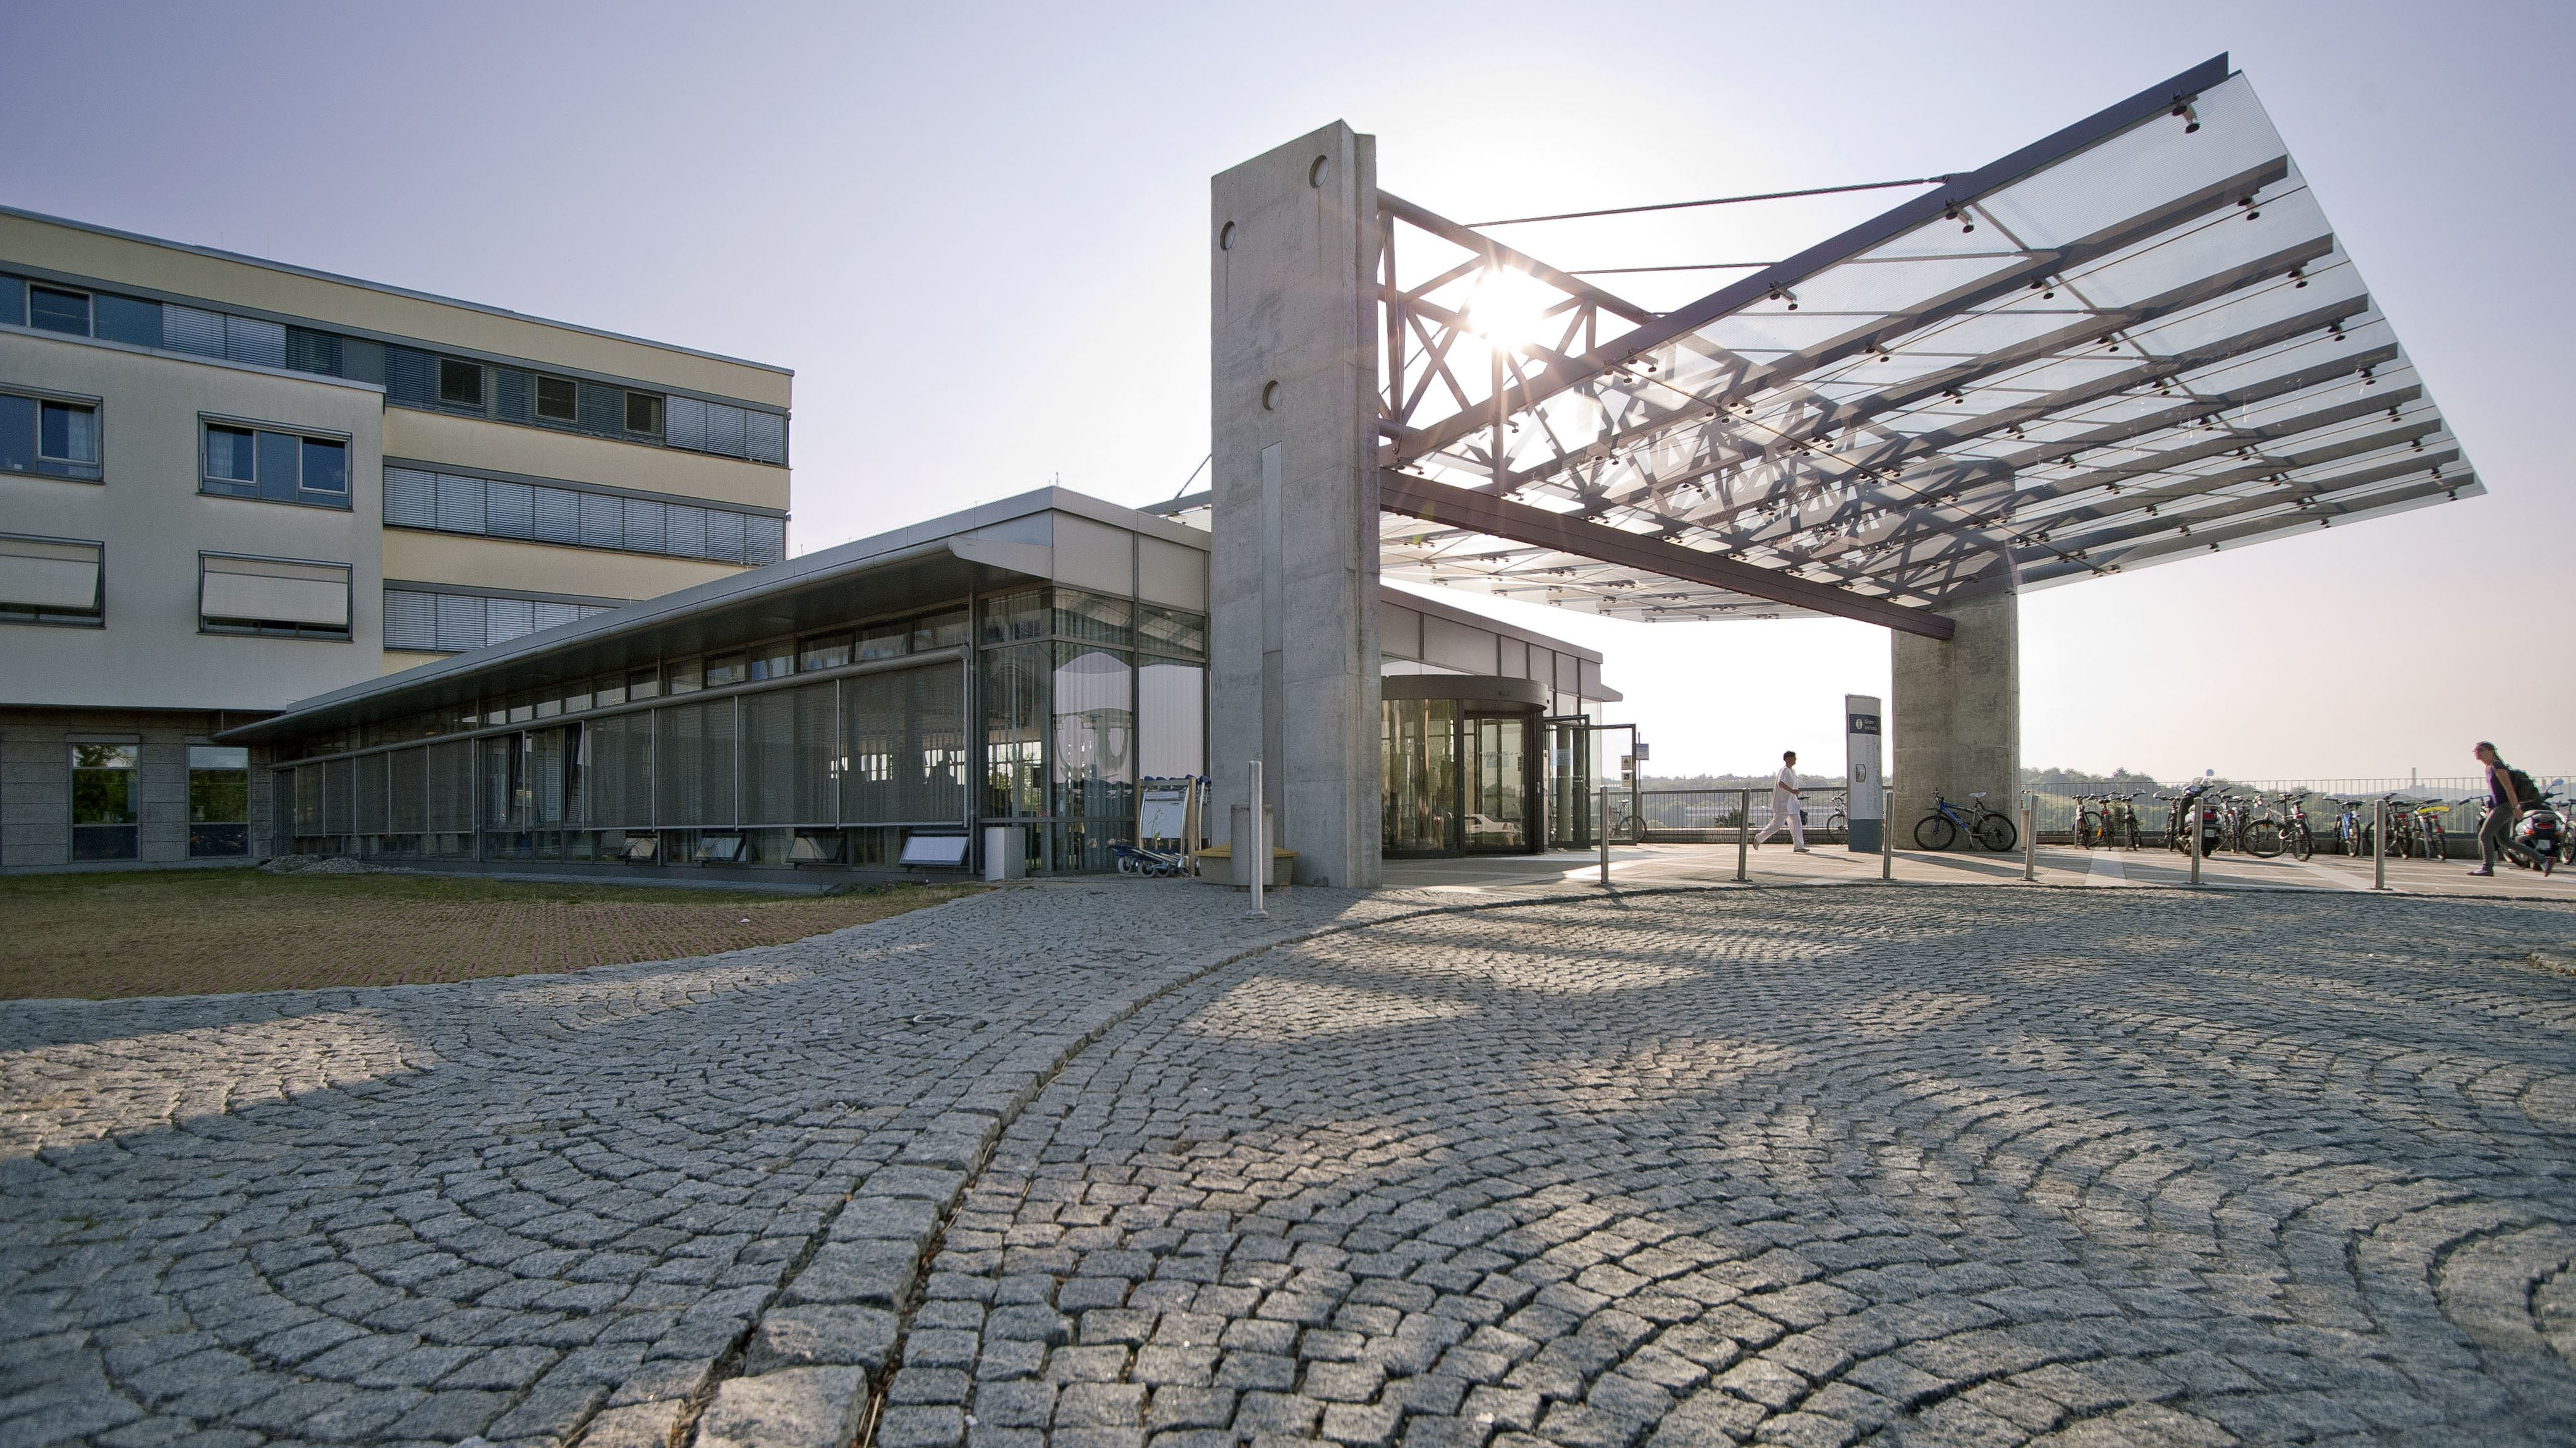 Eingang der Uniklinik in Würzburg